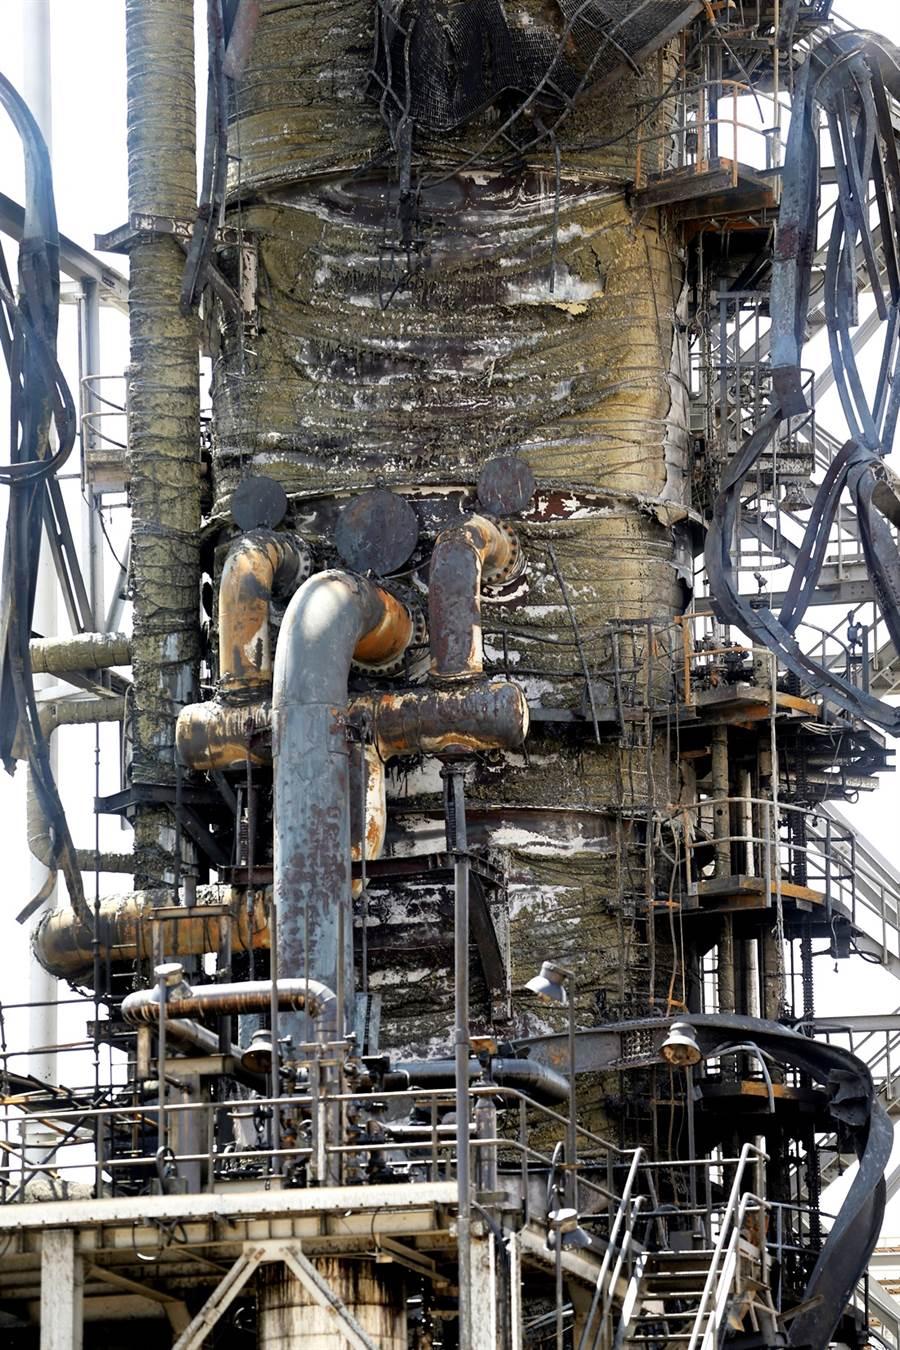 沙烏地阿拉伯阿美石油公司胡賴斯石油設施被炸後慘況。(圖/路透社)